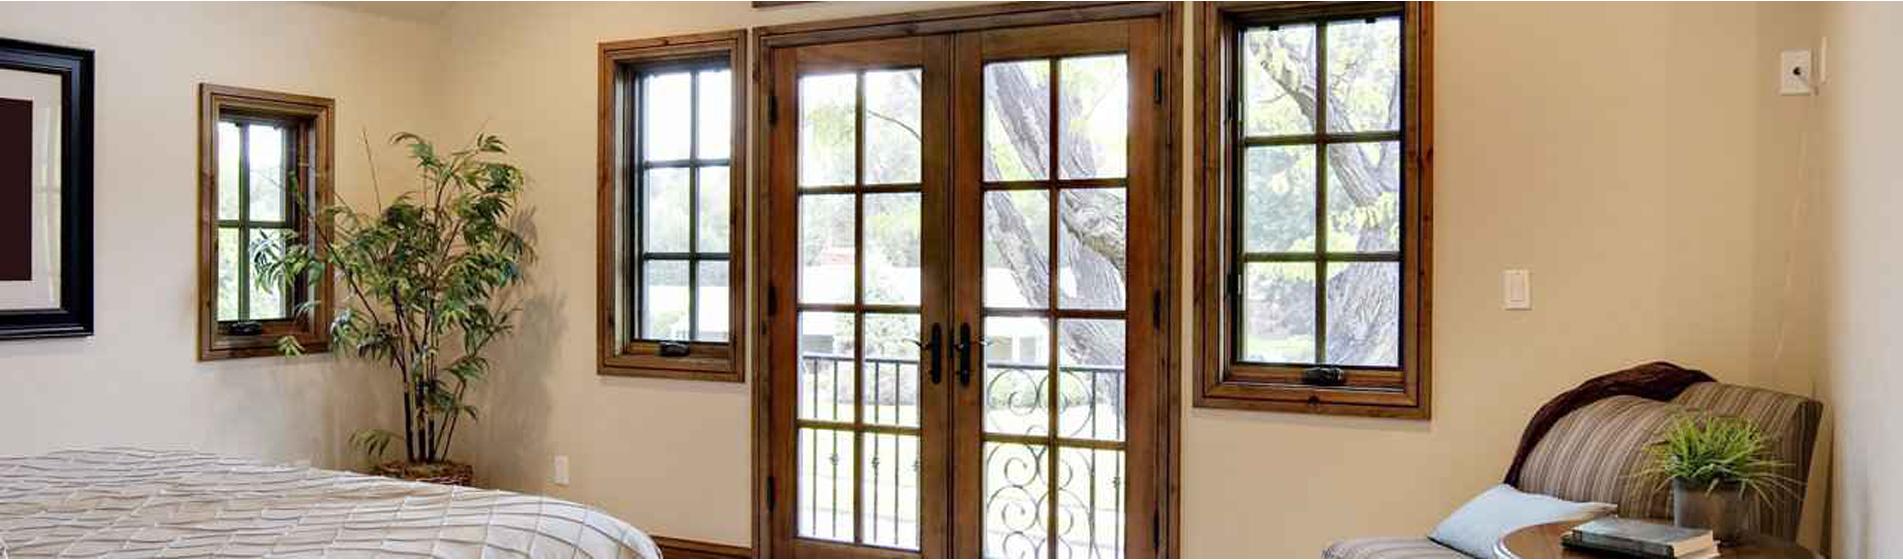 vente porte fenêtre 84 Vaucluse